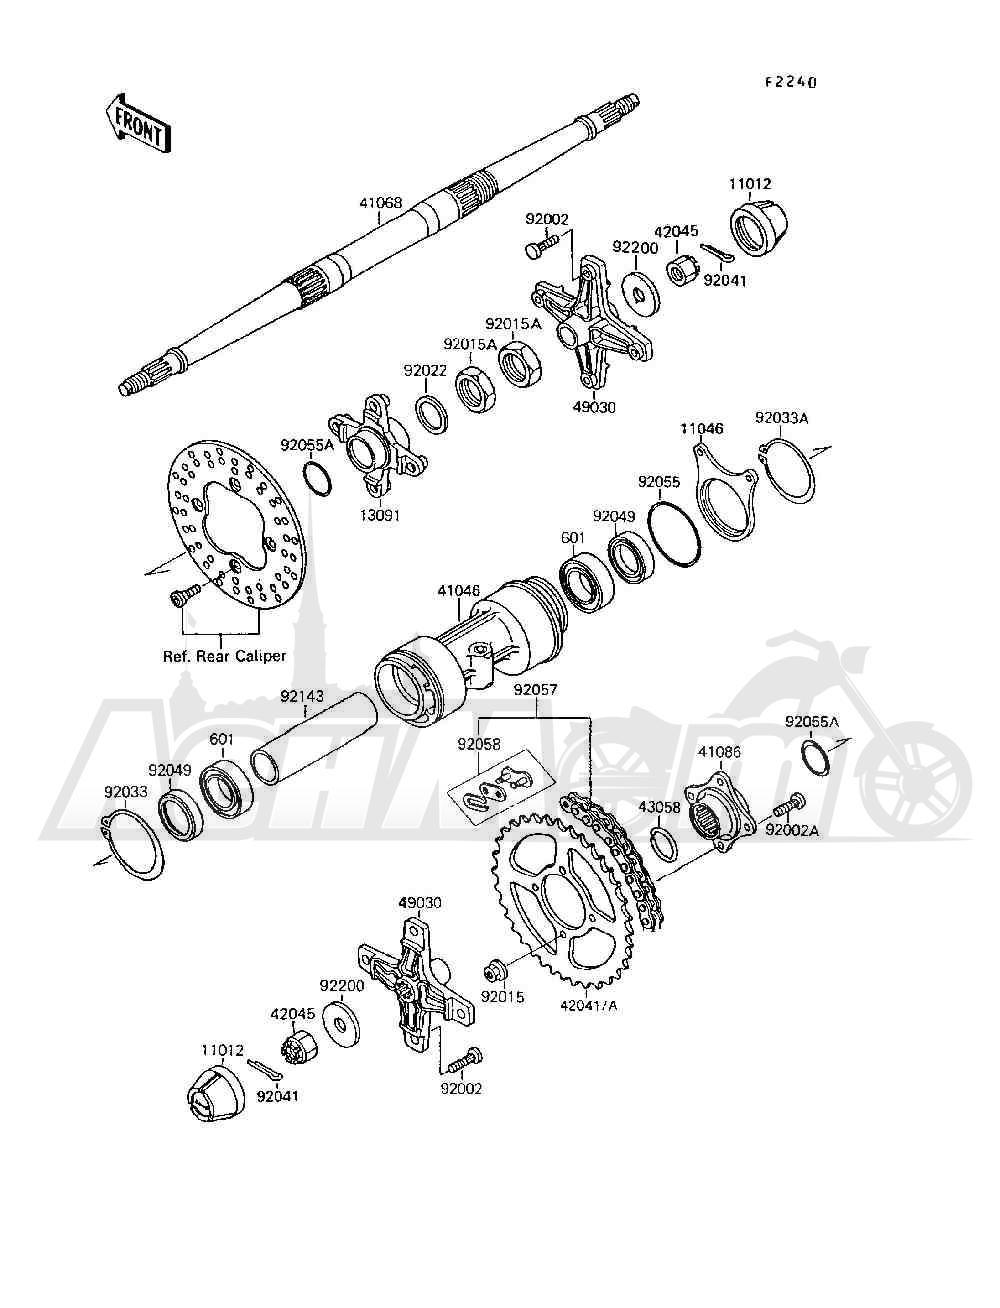 Запчасти для Квадроцикла Kawasaki 1994 MOJAVE 250 (KSF250-A8) Раздел: REAR HUB | зад ступица